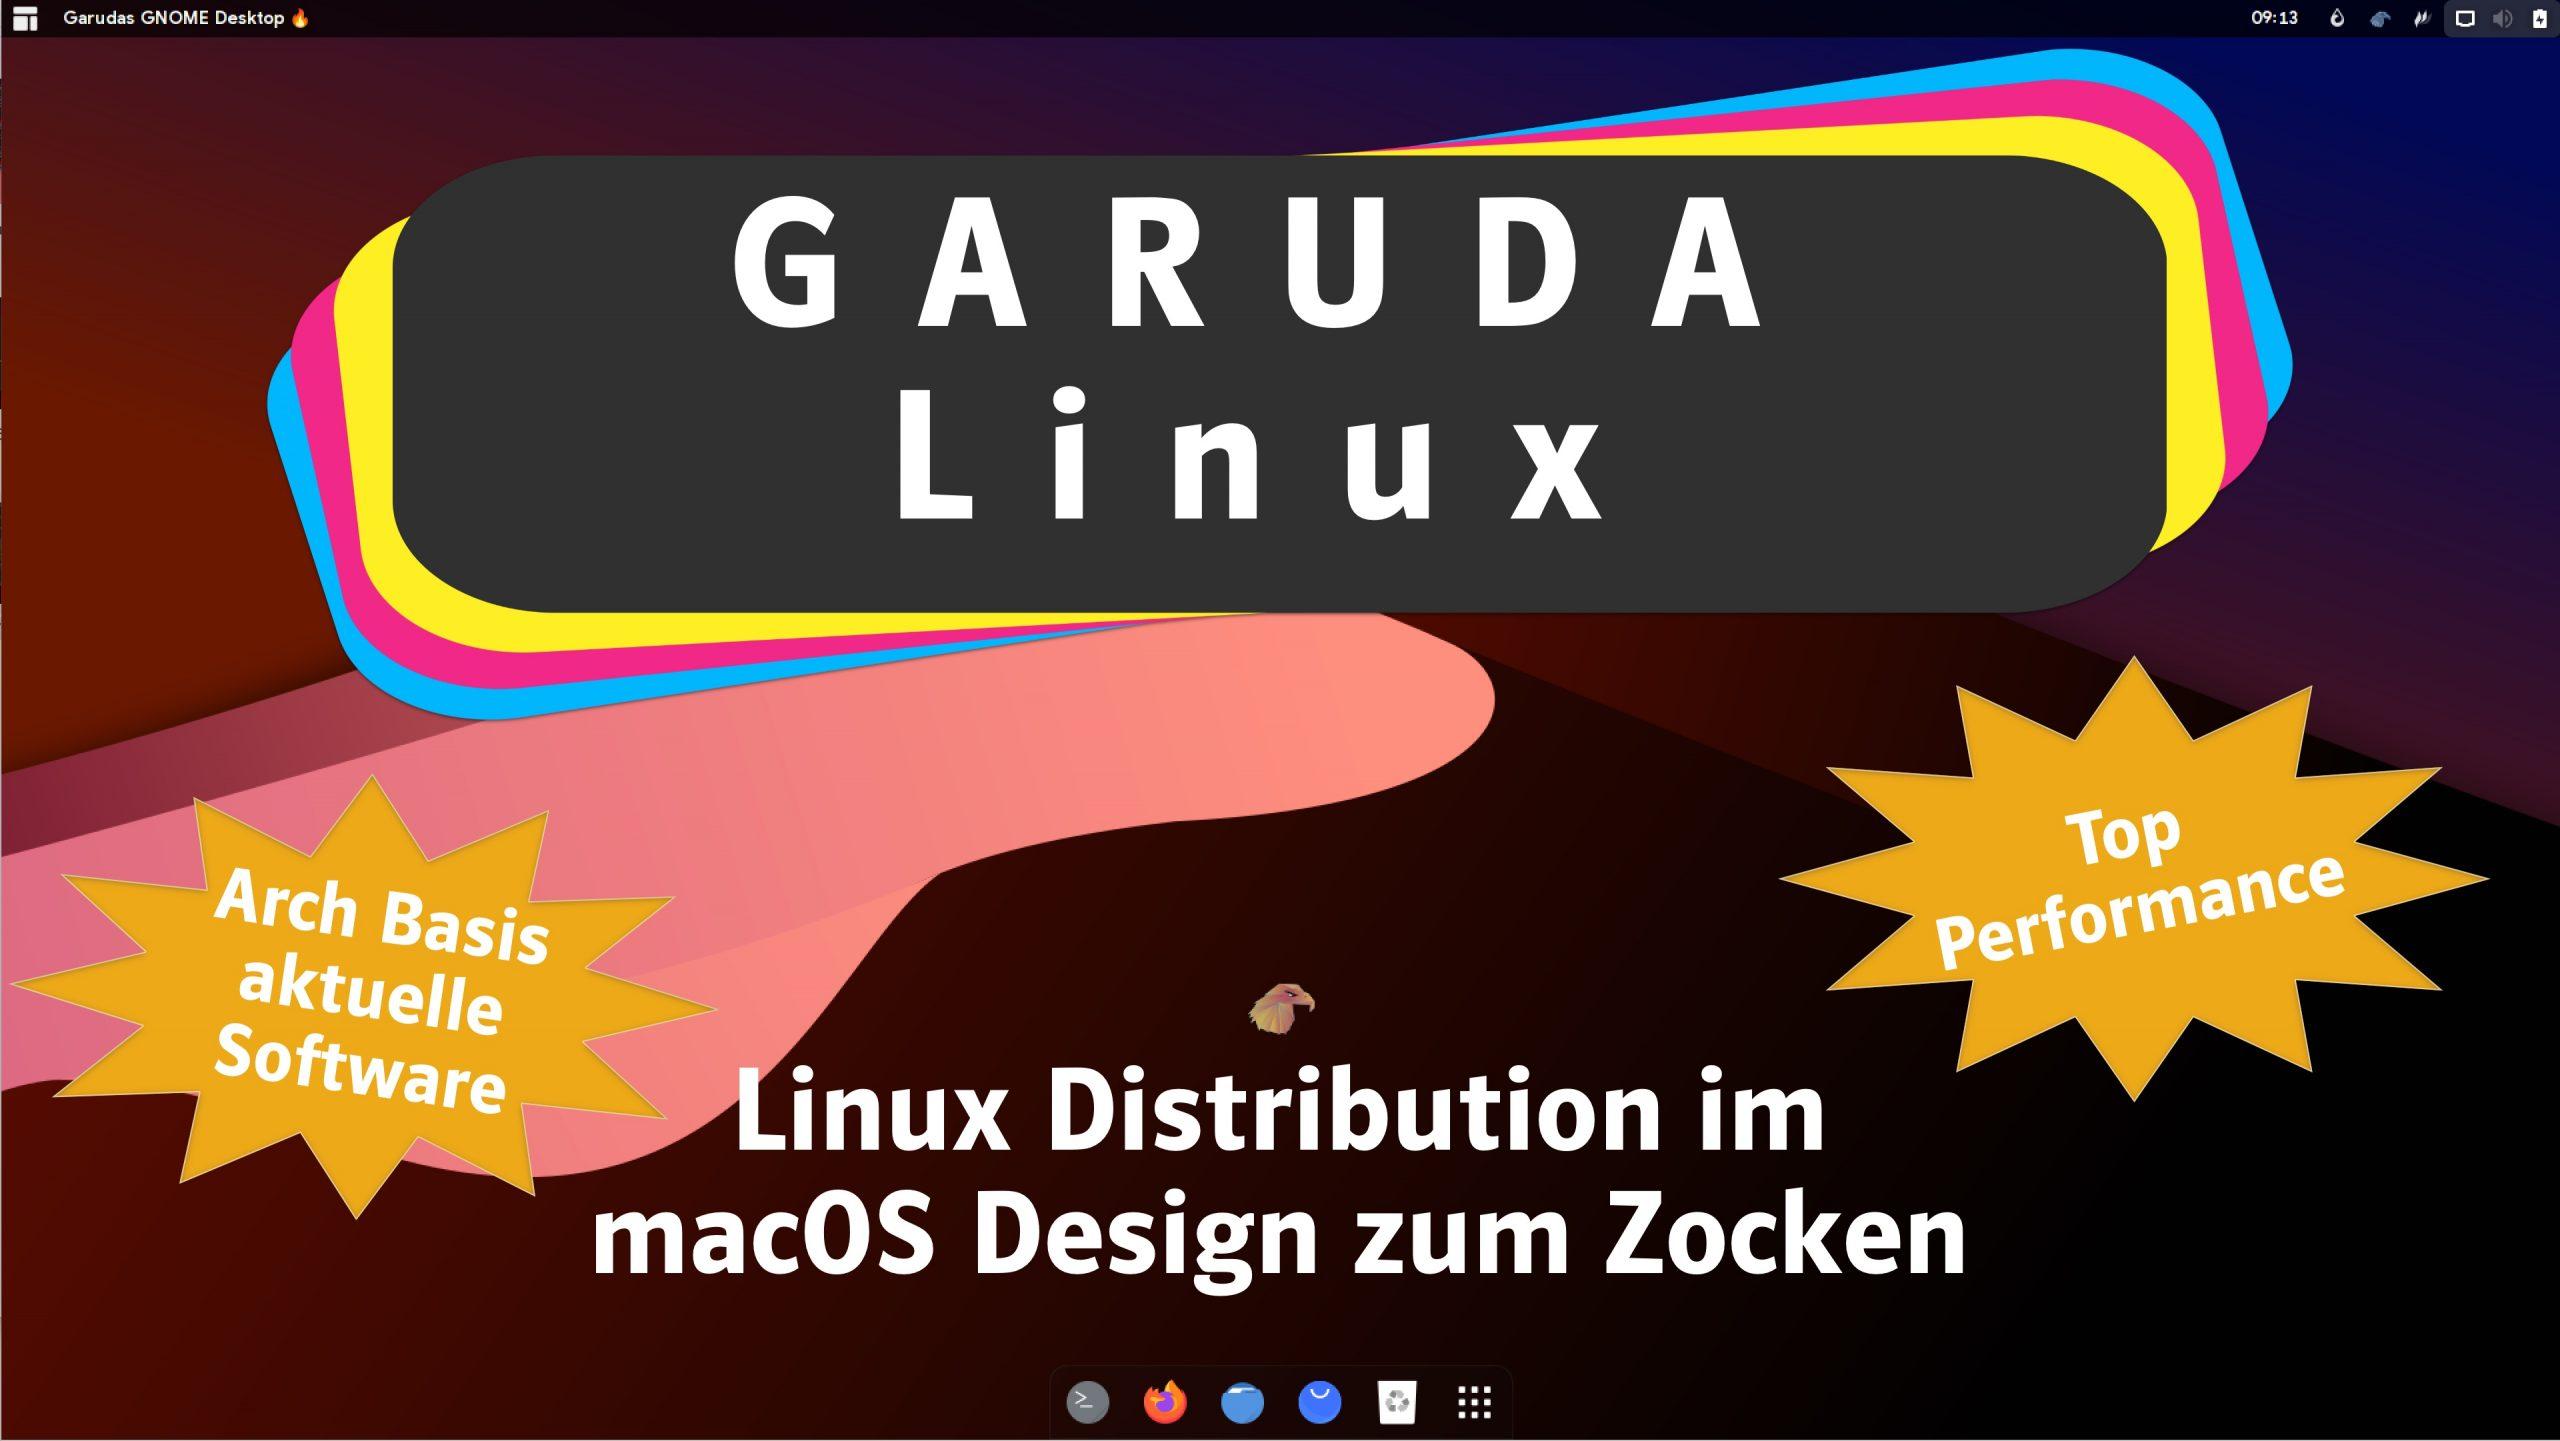 Garuda Linux Linux Distro Auf Arch Basis Im Macos Design Zum Zocken Michlfranken